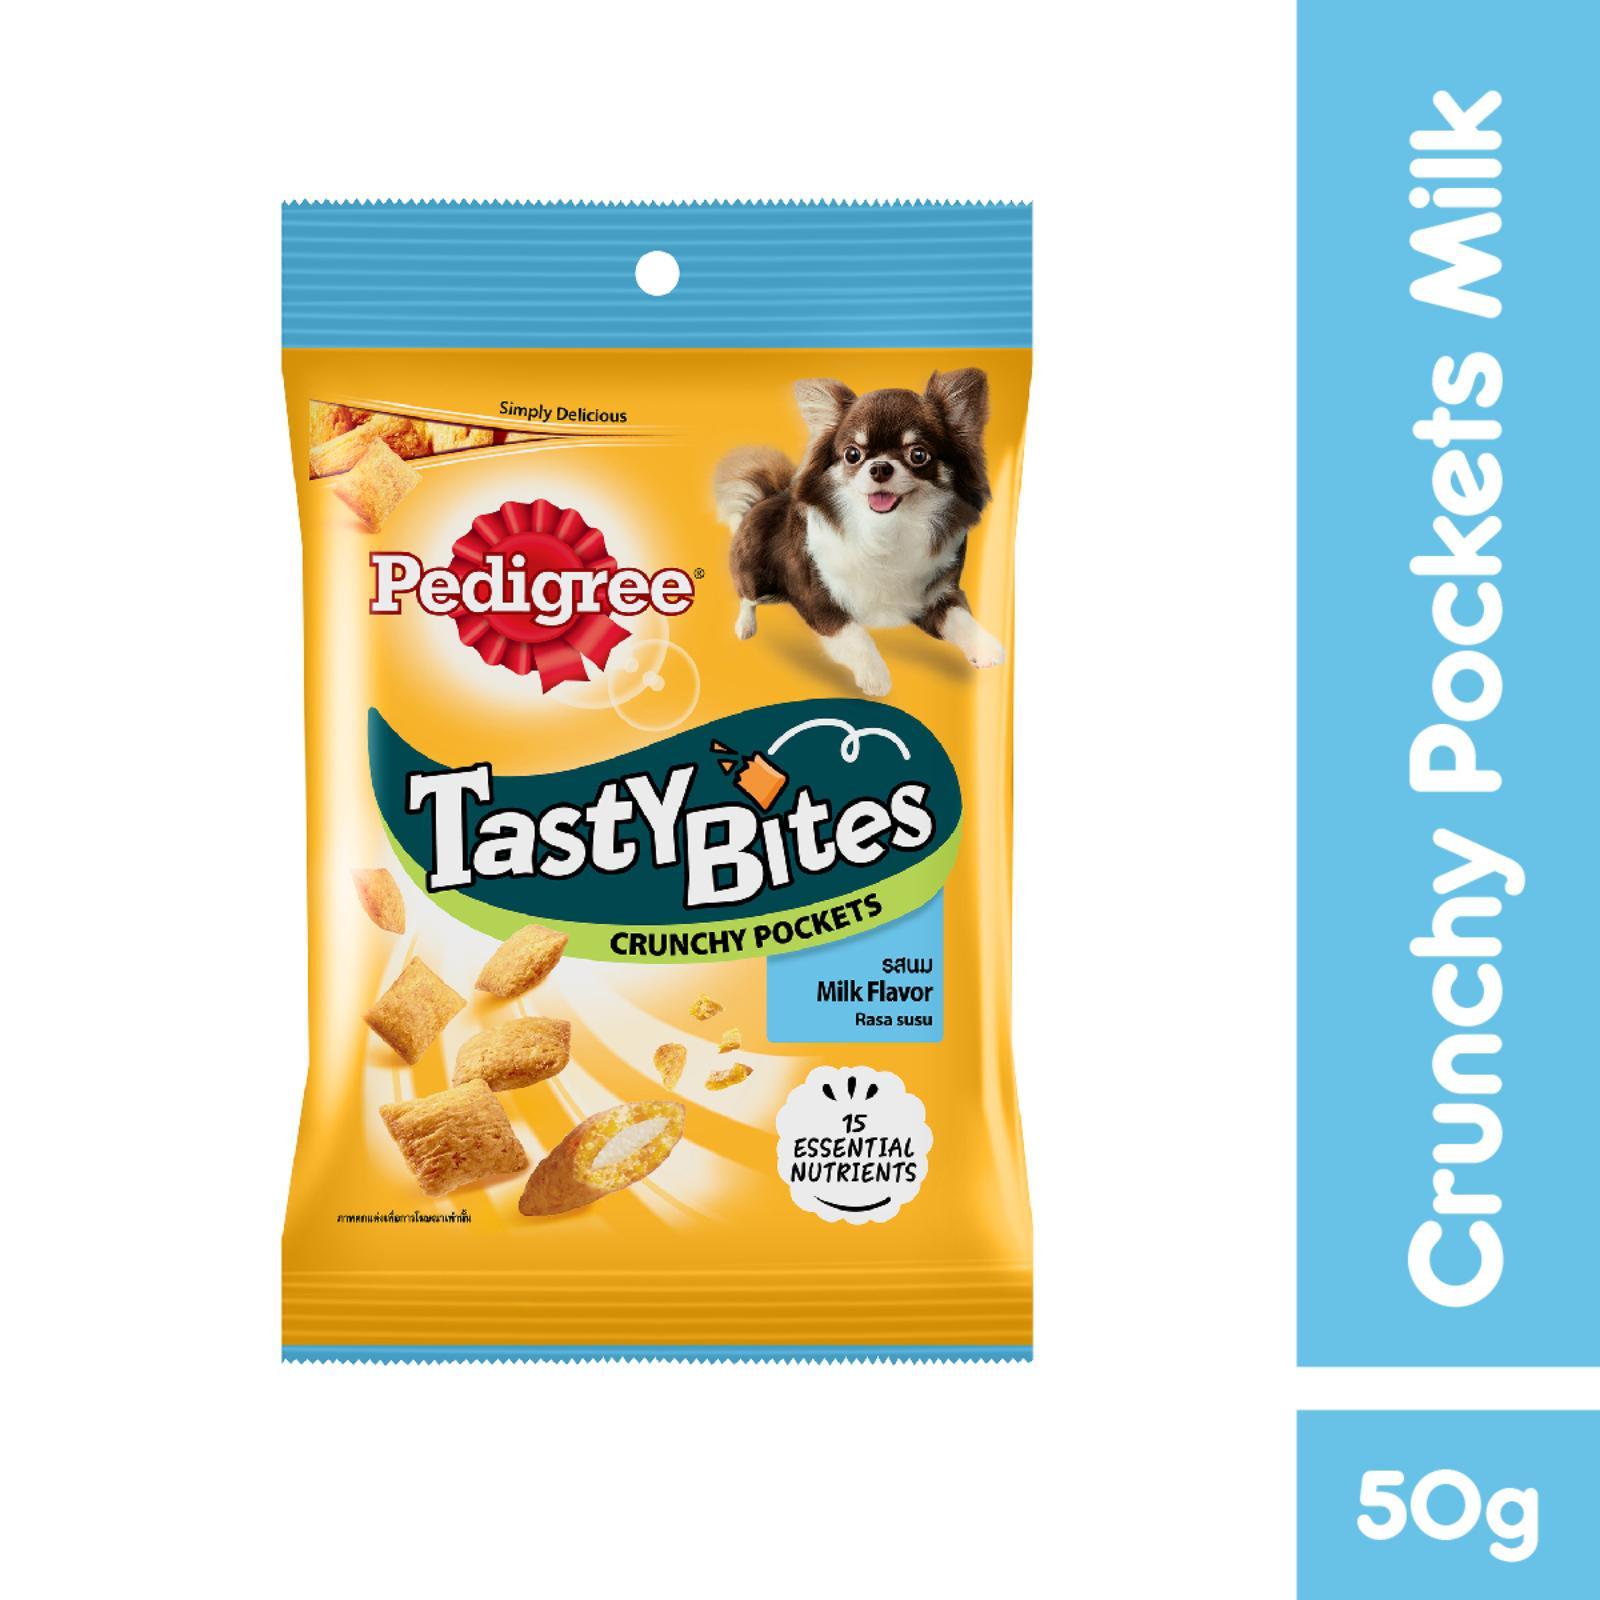 Pedigree Tasty Bites Crunchy Pockets Milk